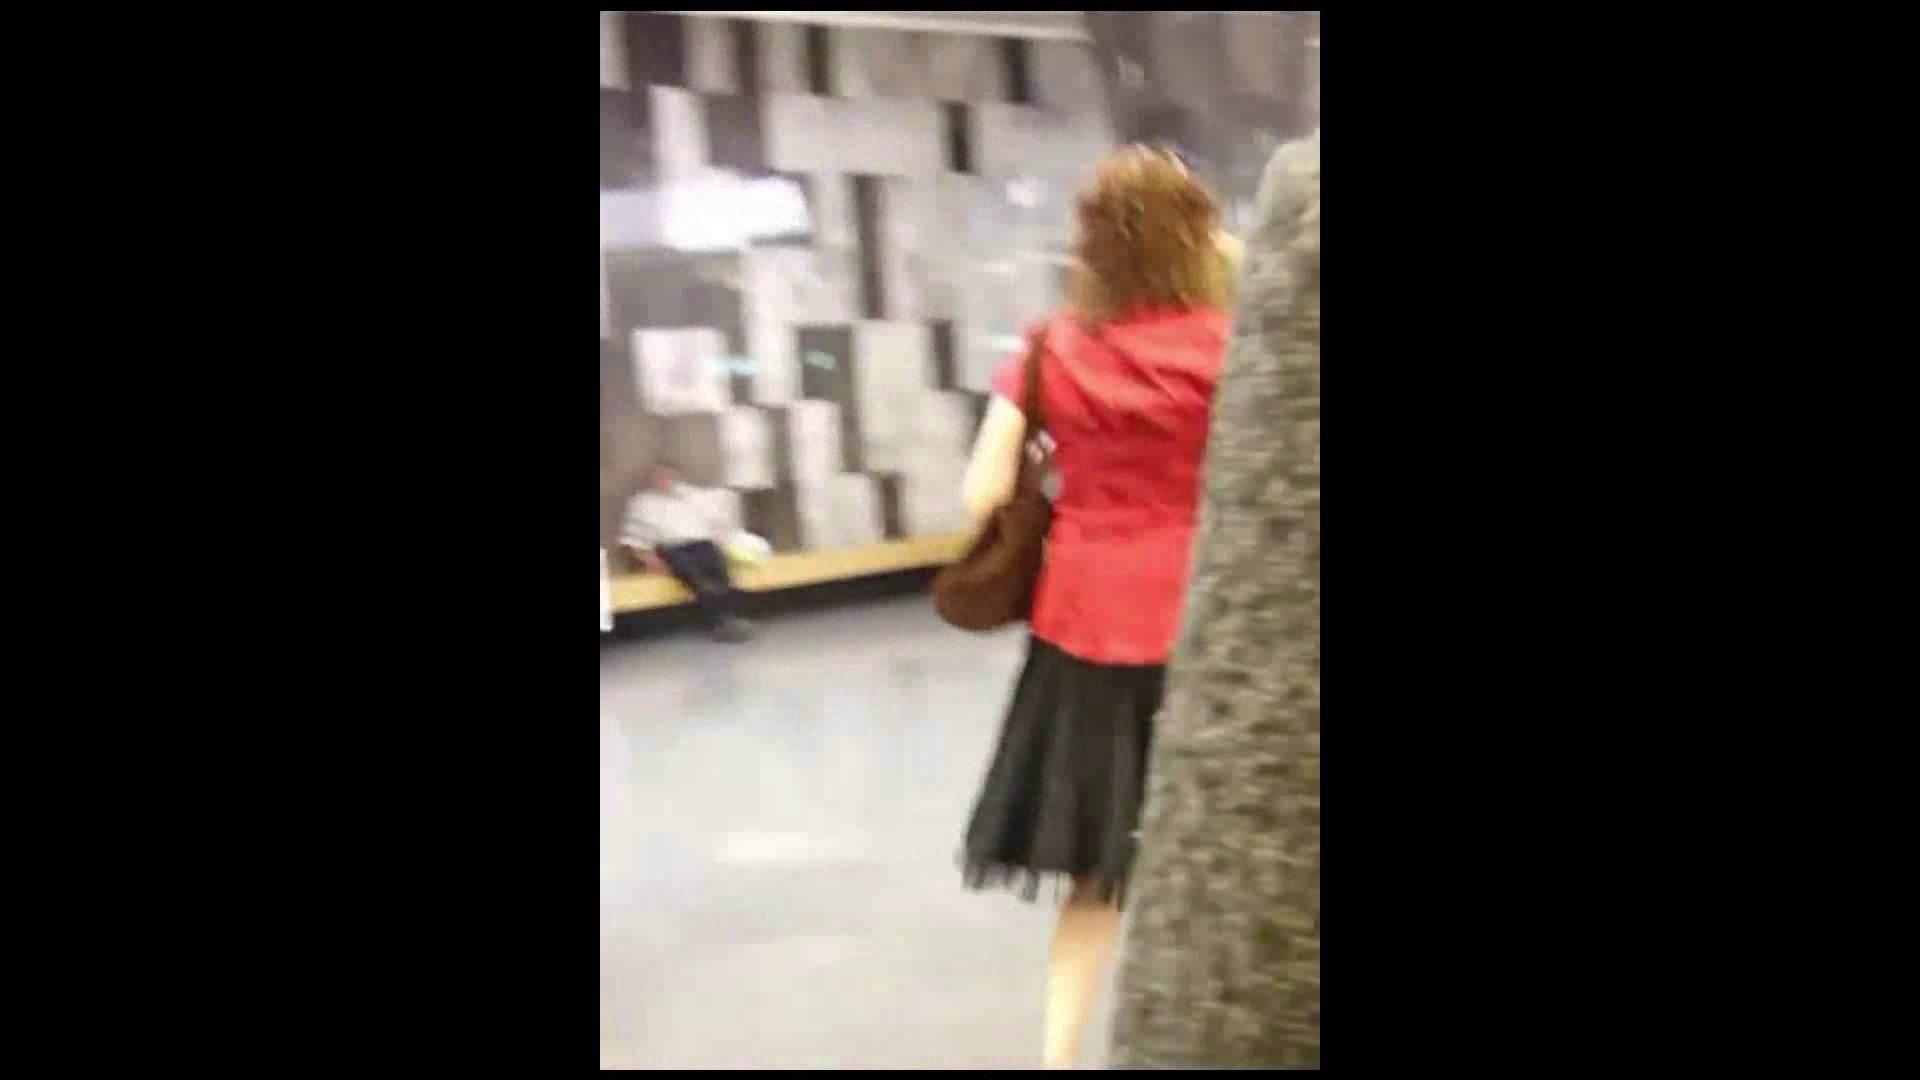 綺麗なモデルさんのスカート捲っちゃおう‼vol03 お姉さん   0  110画像 79